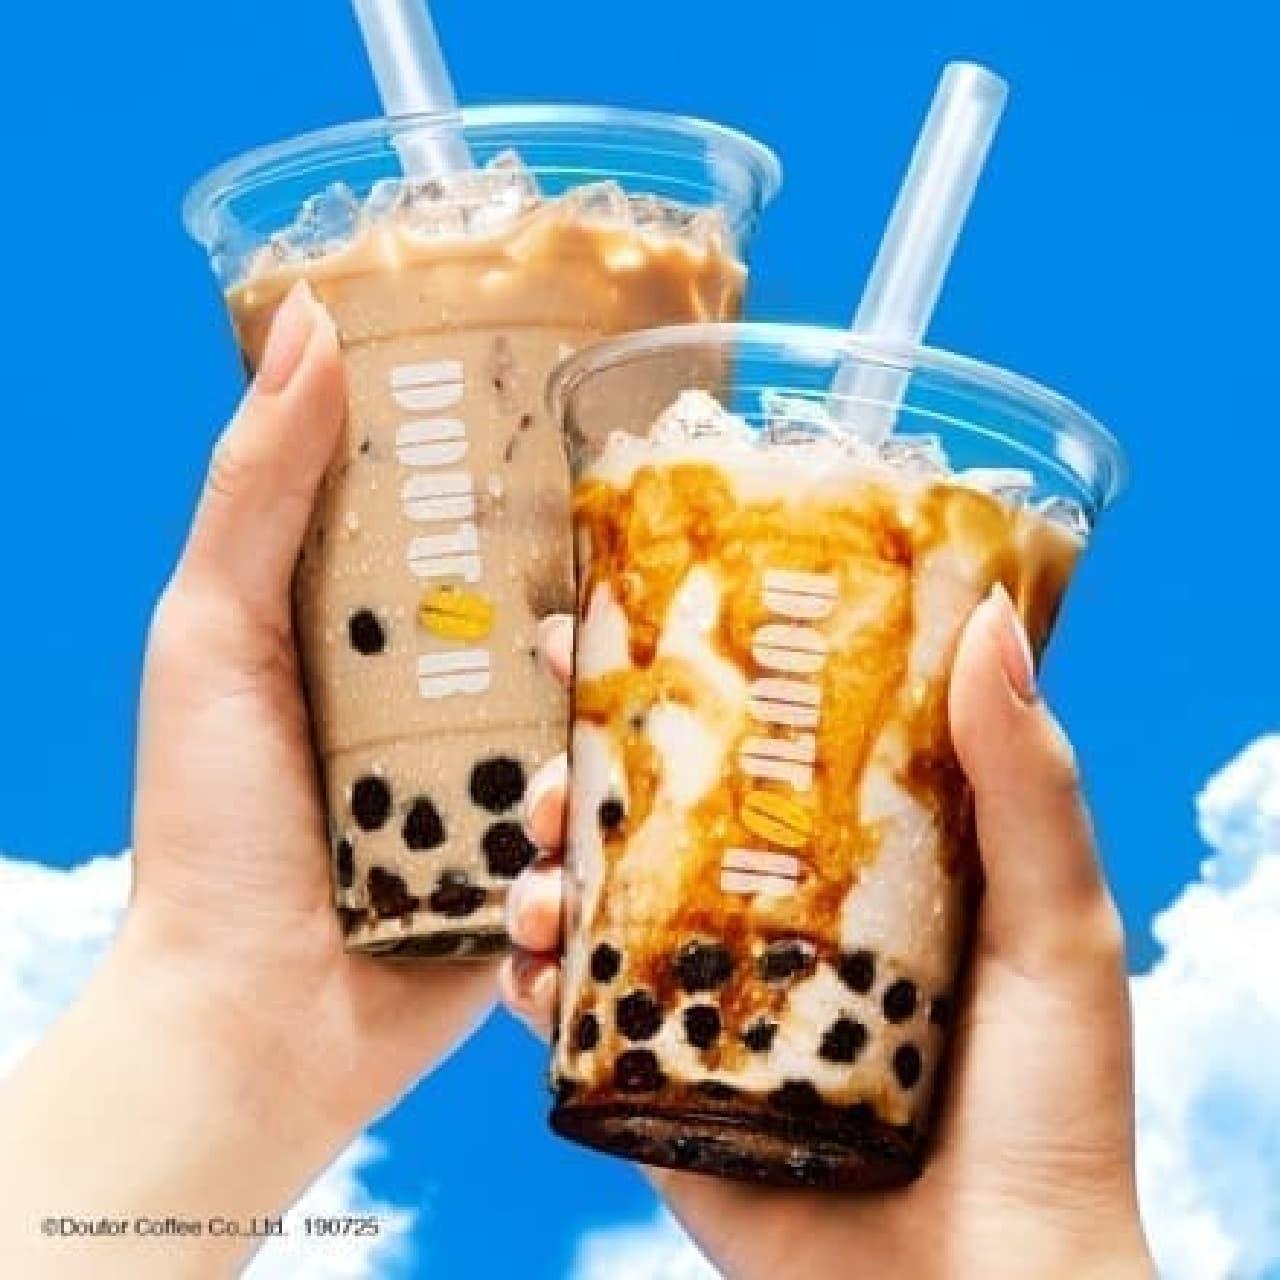 ドトールコーヒー「タピオカ ~黒糖ミルク~」と「タピオカ ~ロイヤルミルクティー~」